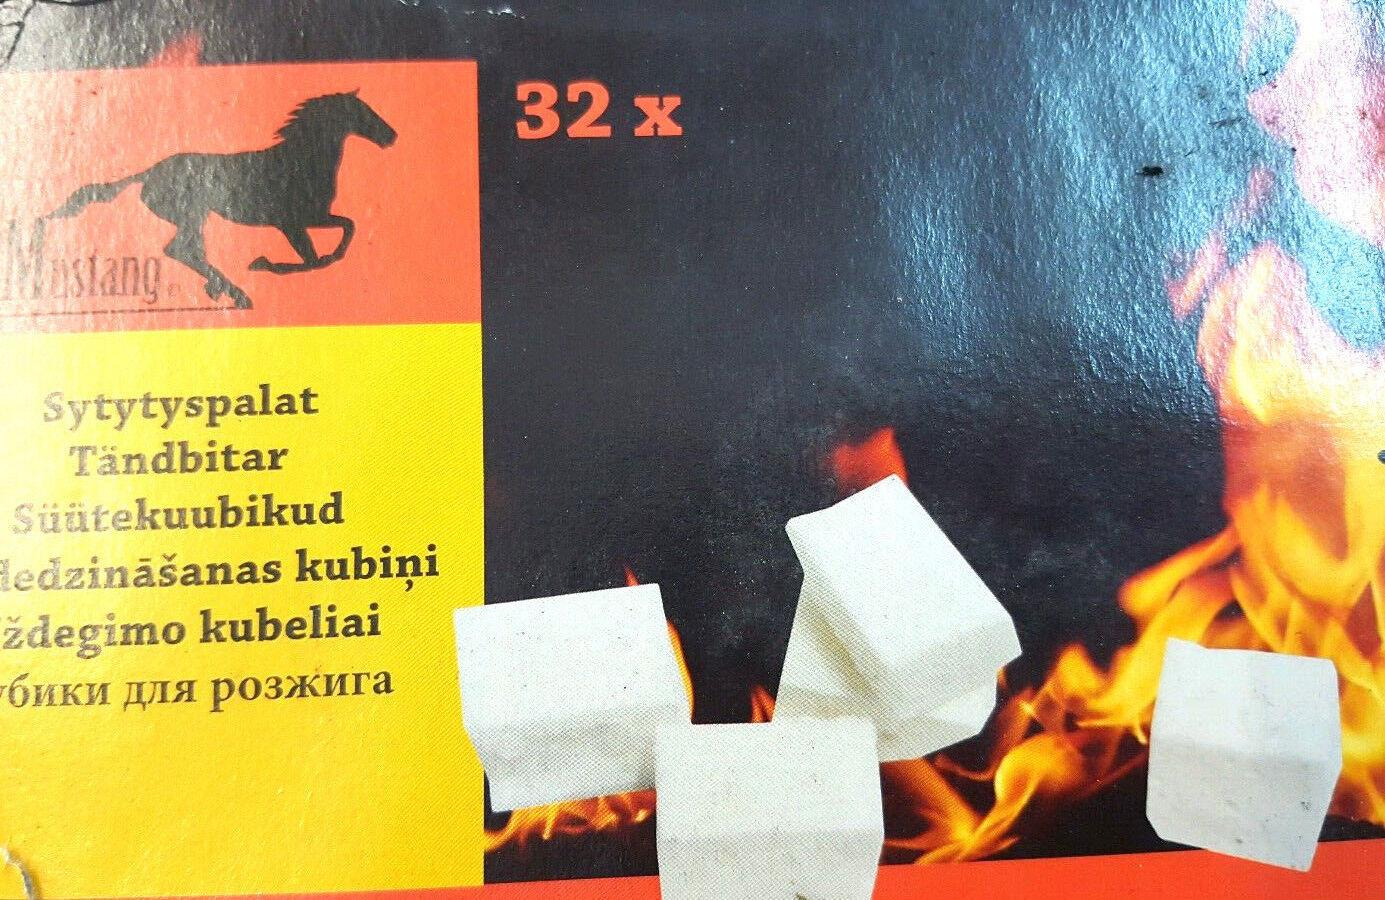 32xquickfire Fuego Encendedores barbacoa log Quemadores Estufa rápida fórmula hotspots Hot Spot